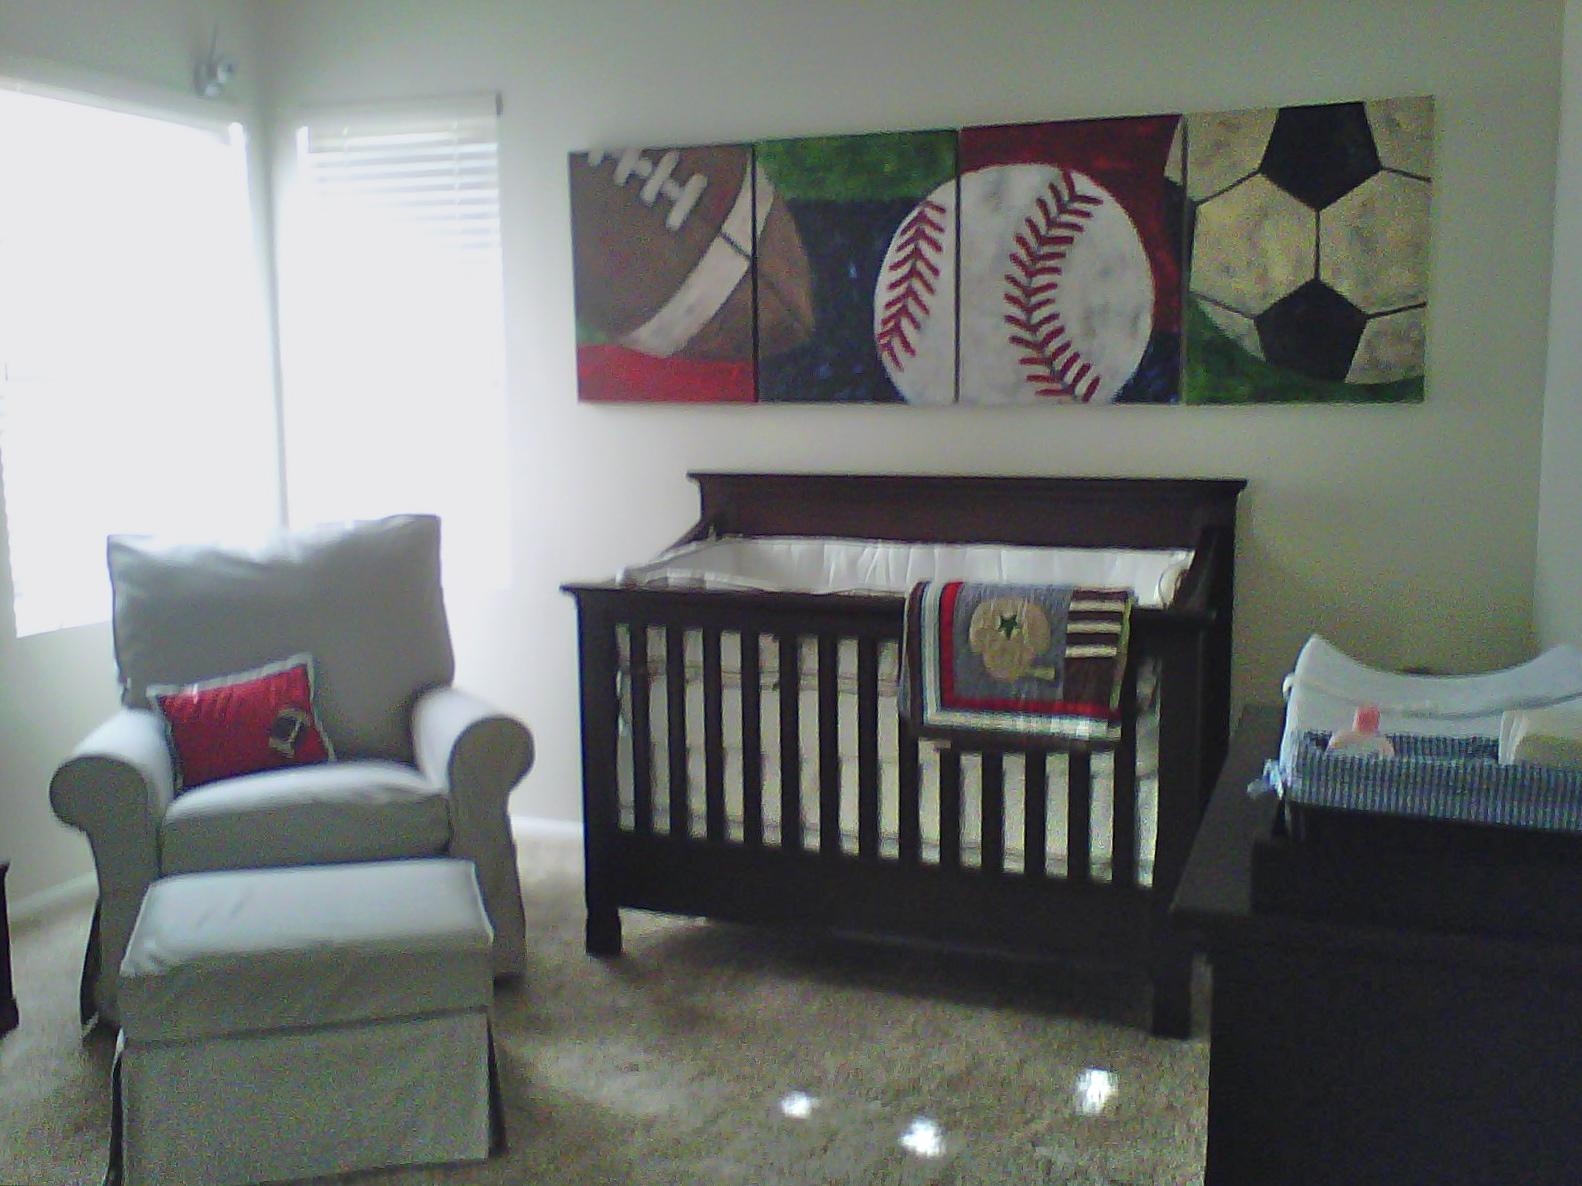 Dear Weekend: My Client's Sports Themed Nursery